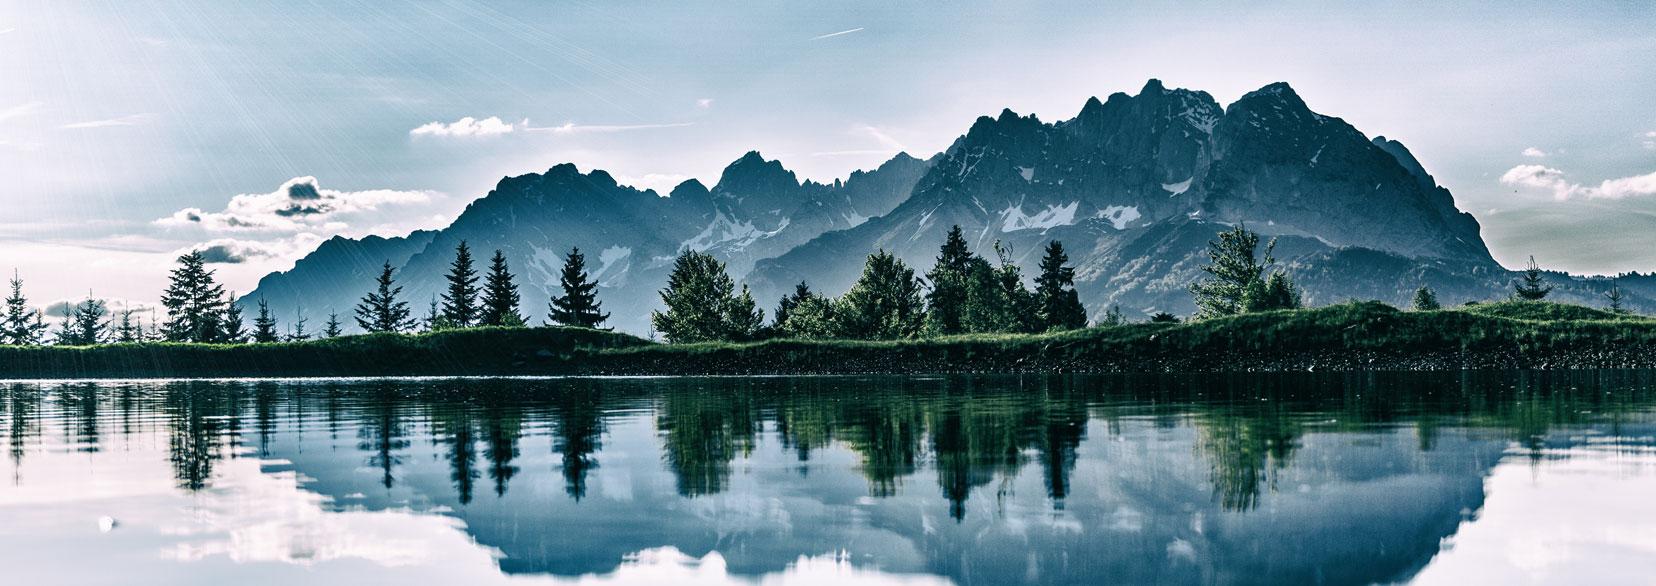 Inspiring Mountain Range